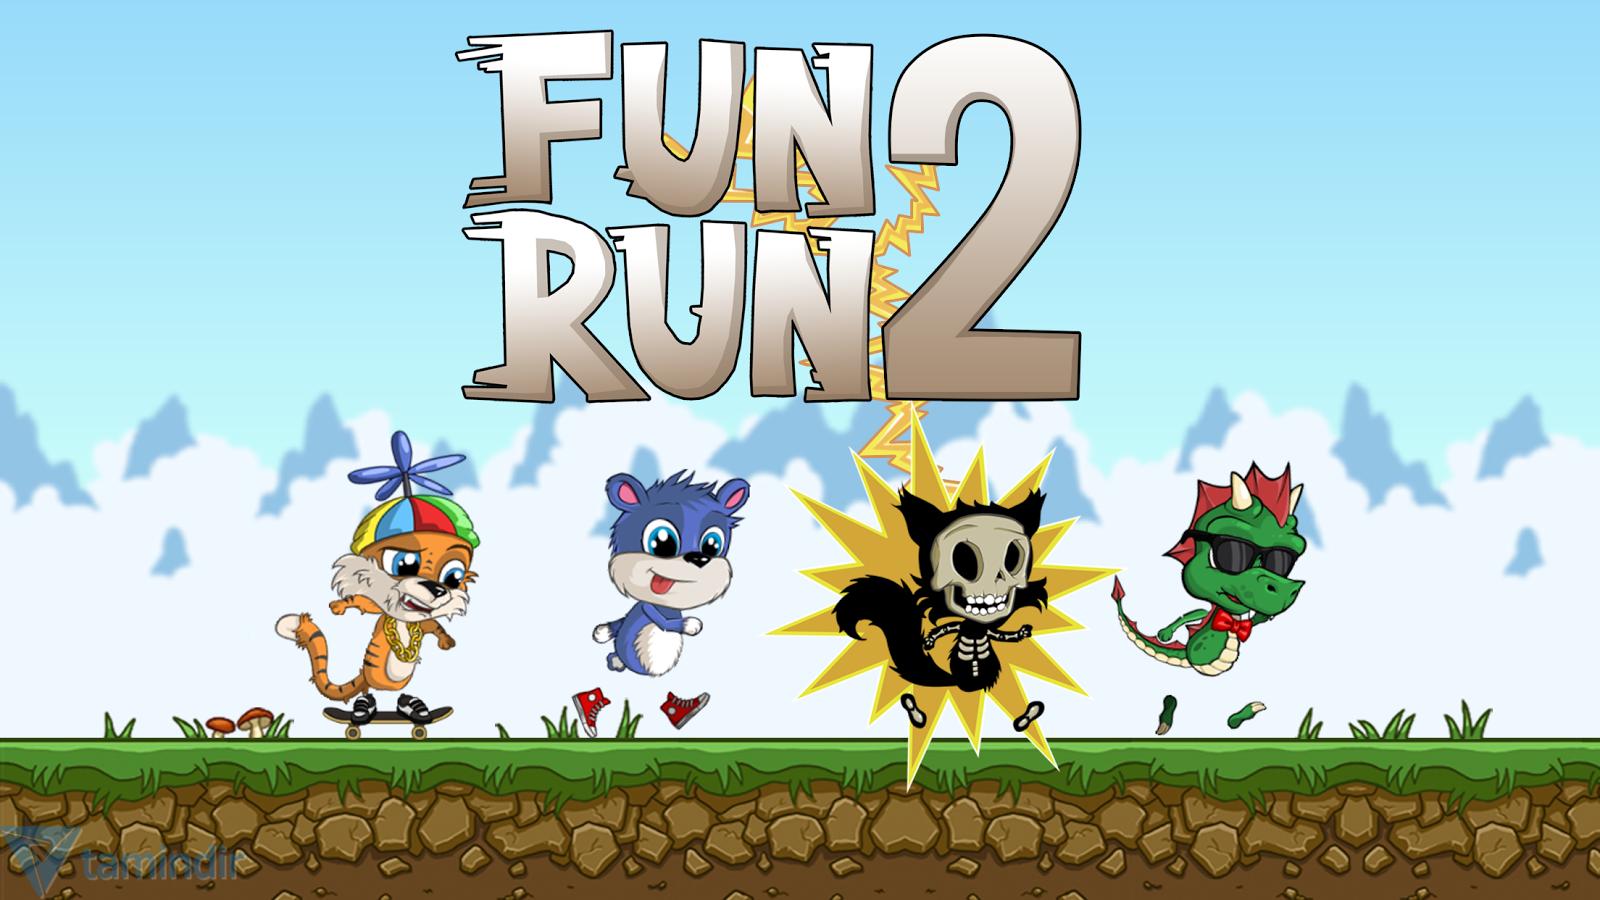 Fun Run 2 Ekran Görüntüleri - 3 - Fun Run PNG HD